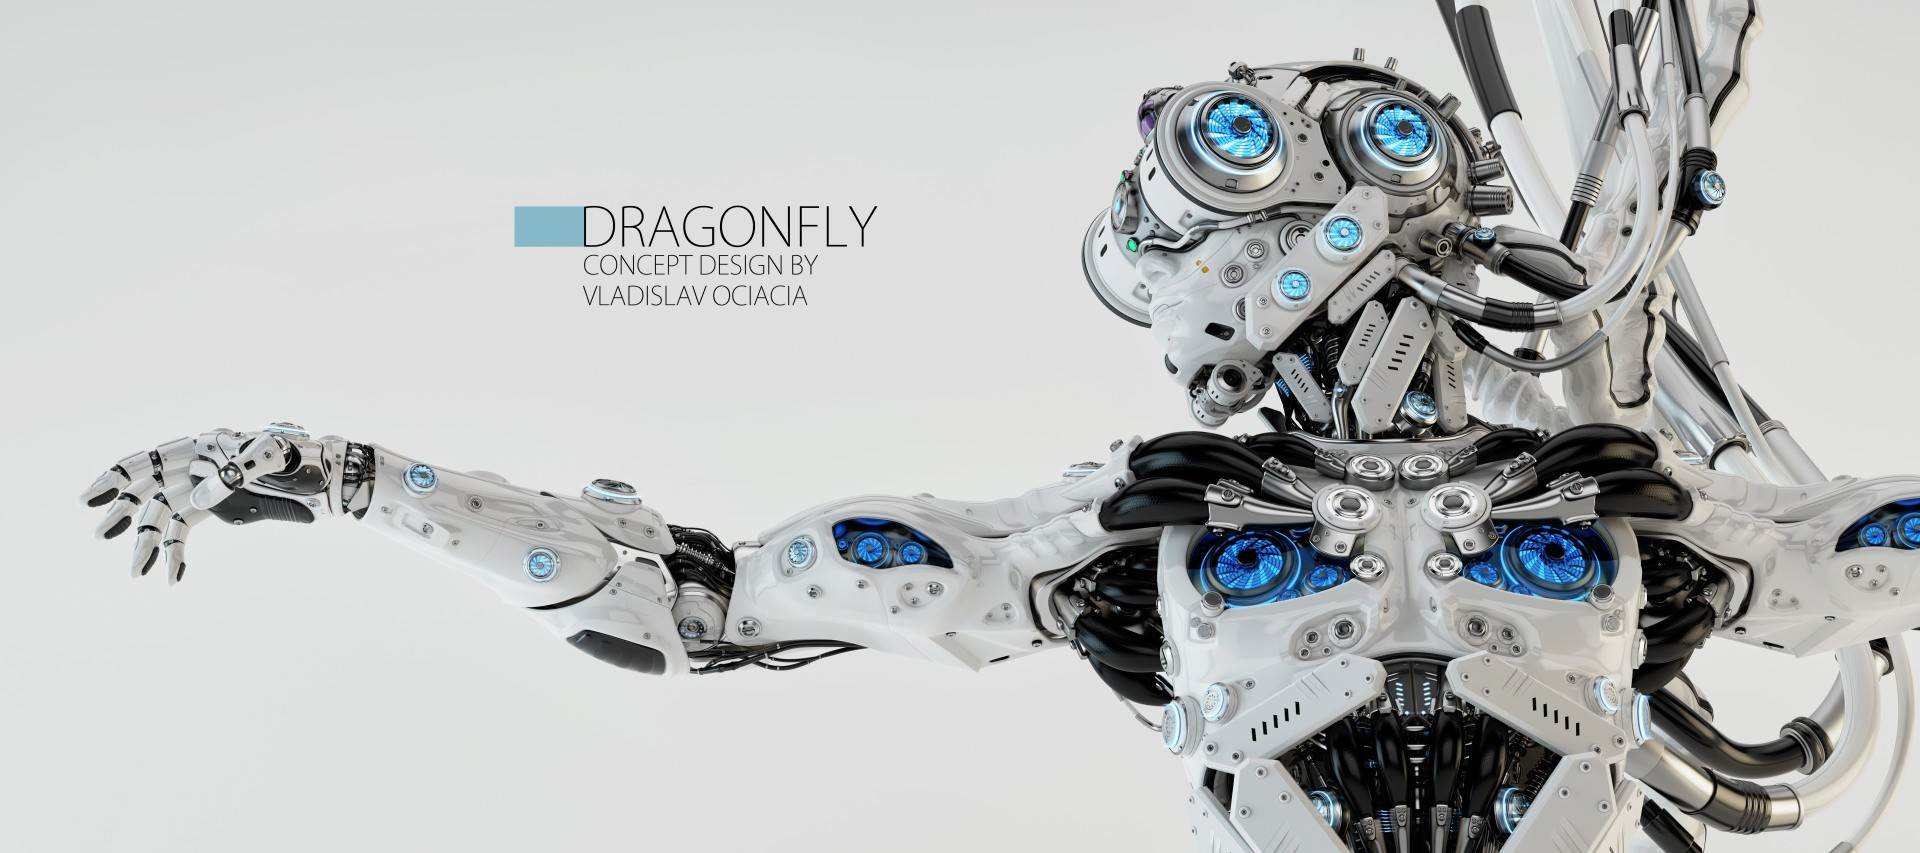 Vladislav ociacia robot dragonfly 9